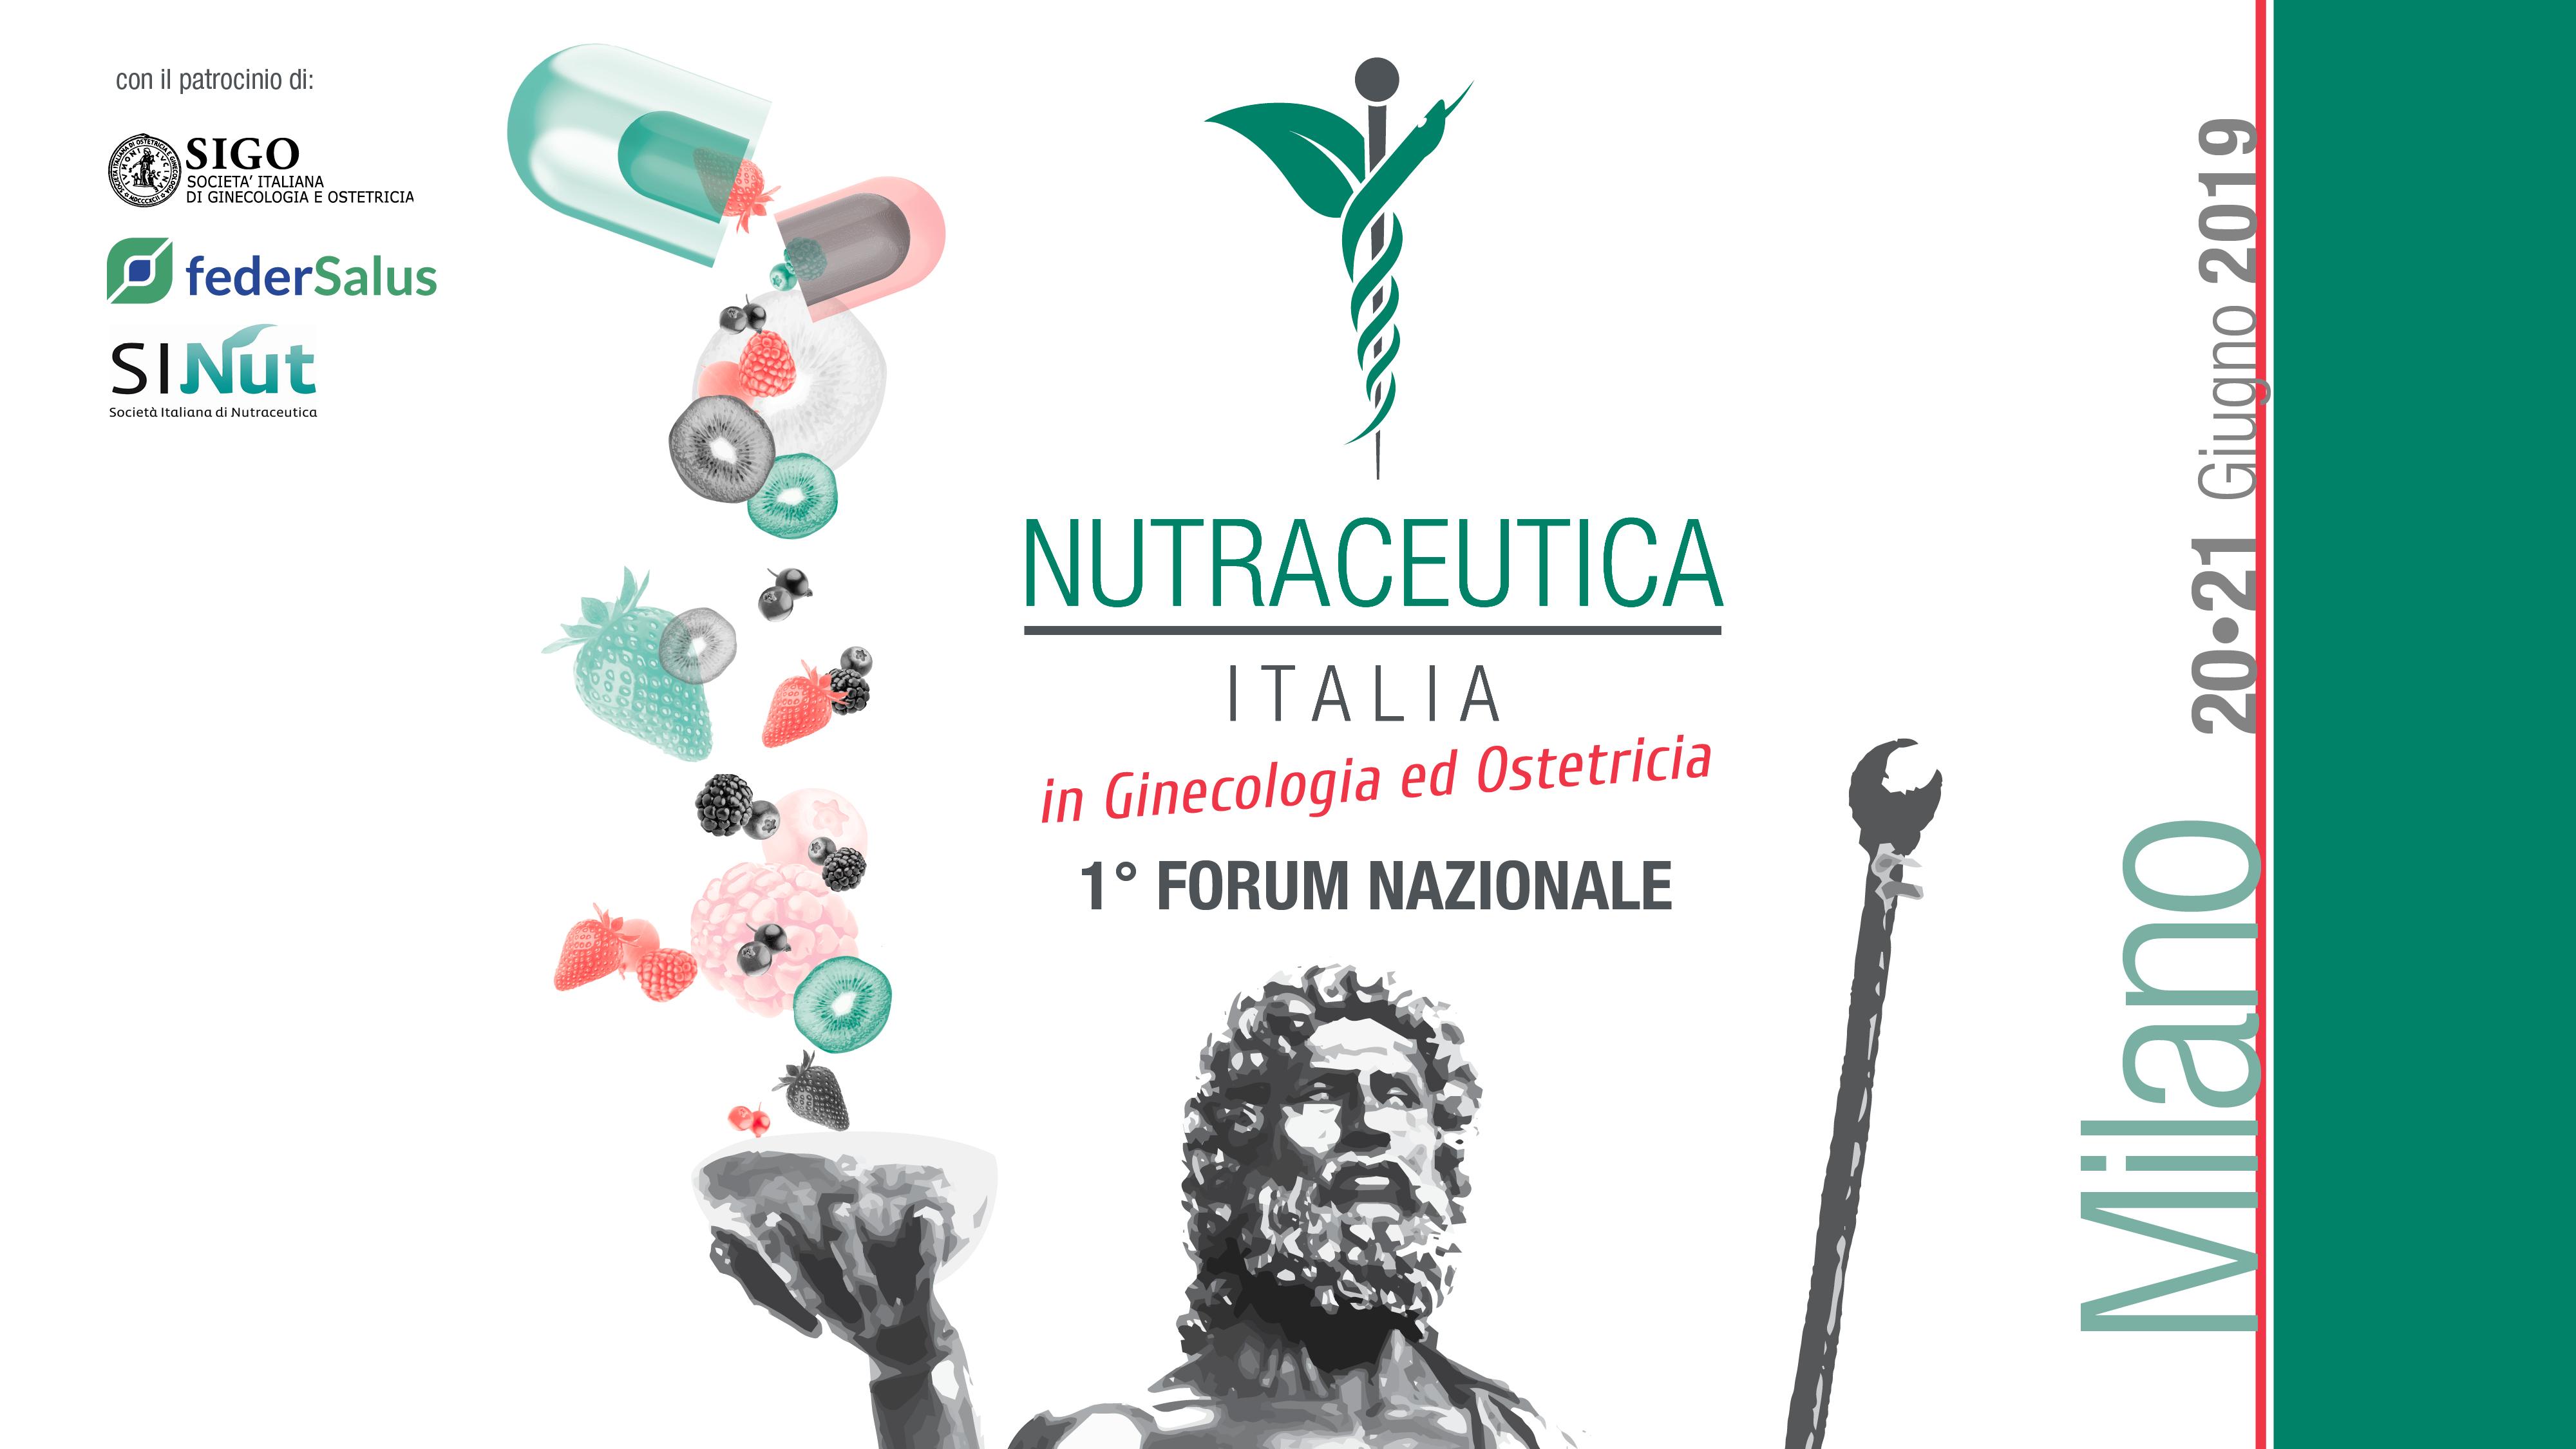 1° Forum Nazionale  NUTRACEUTICA ITALIA  in Ginecologia ed Ostetricia